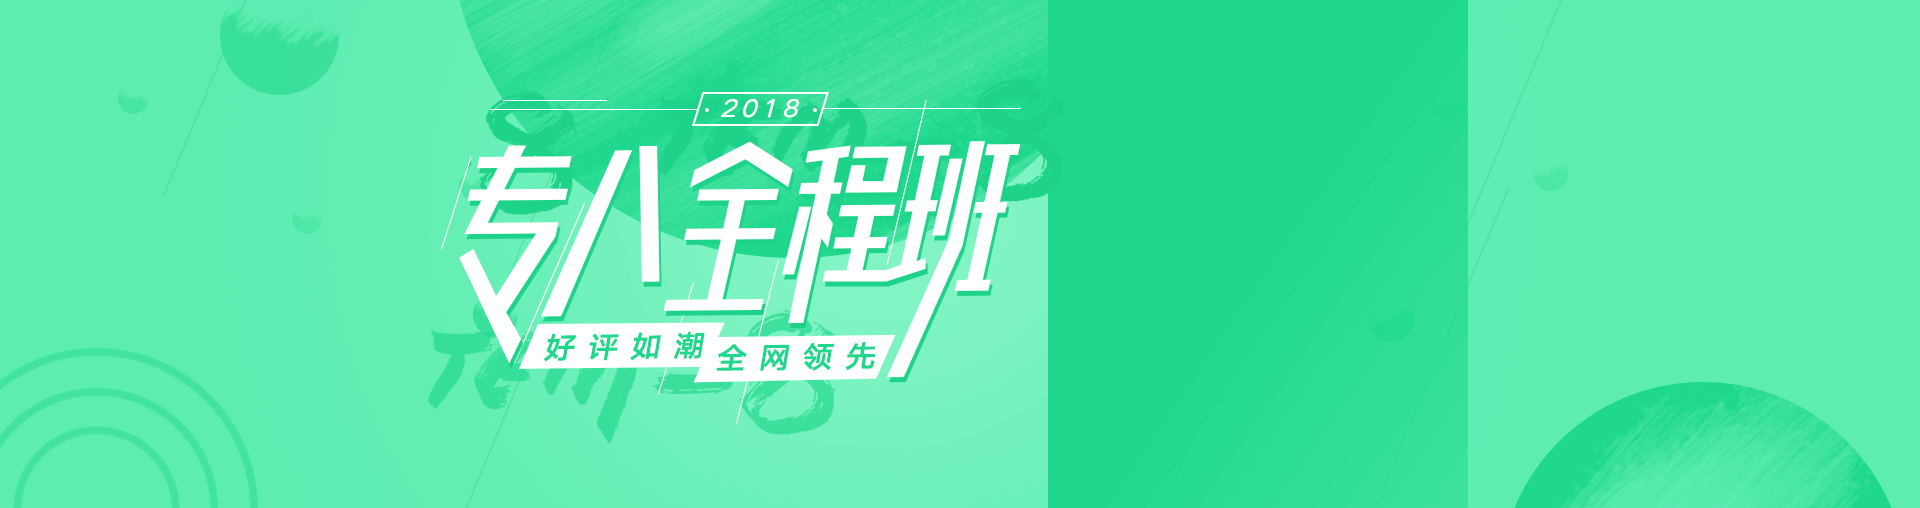 2018专八全程1班